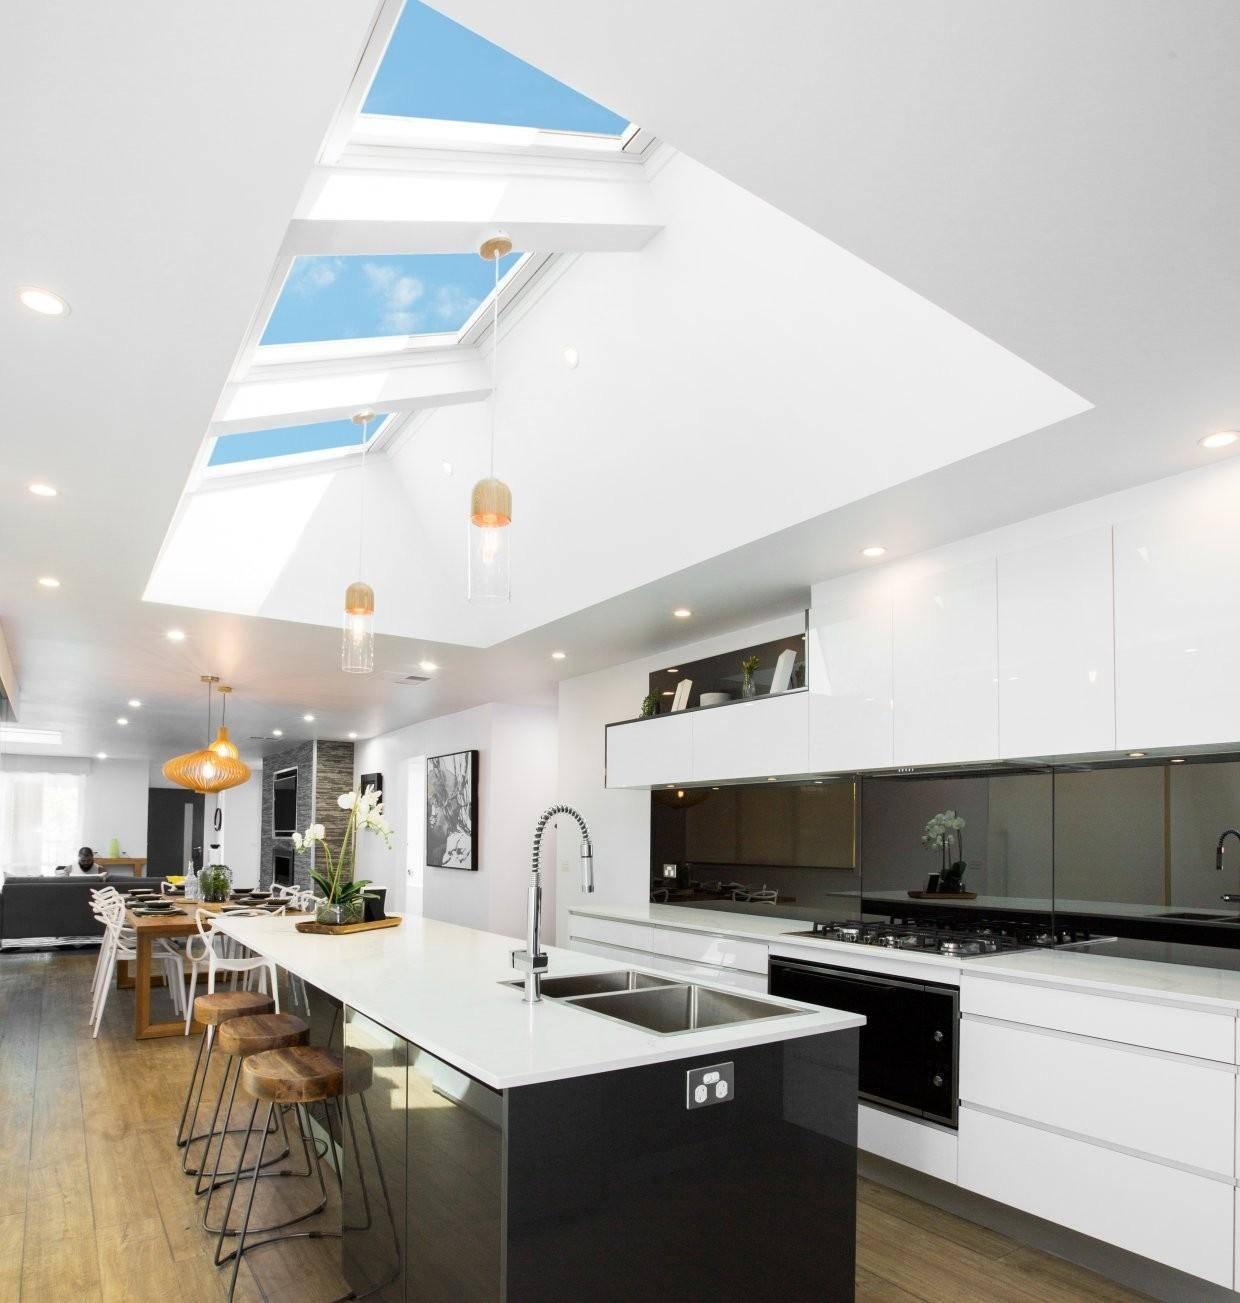 Lit-Up-Ceilings-57756